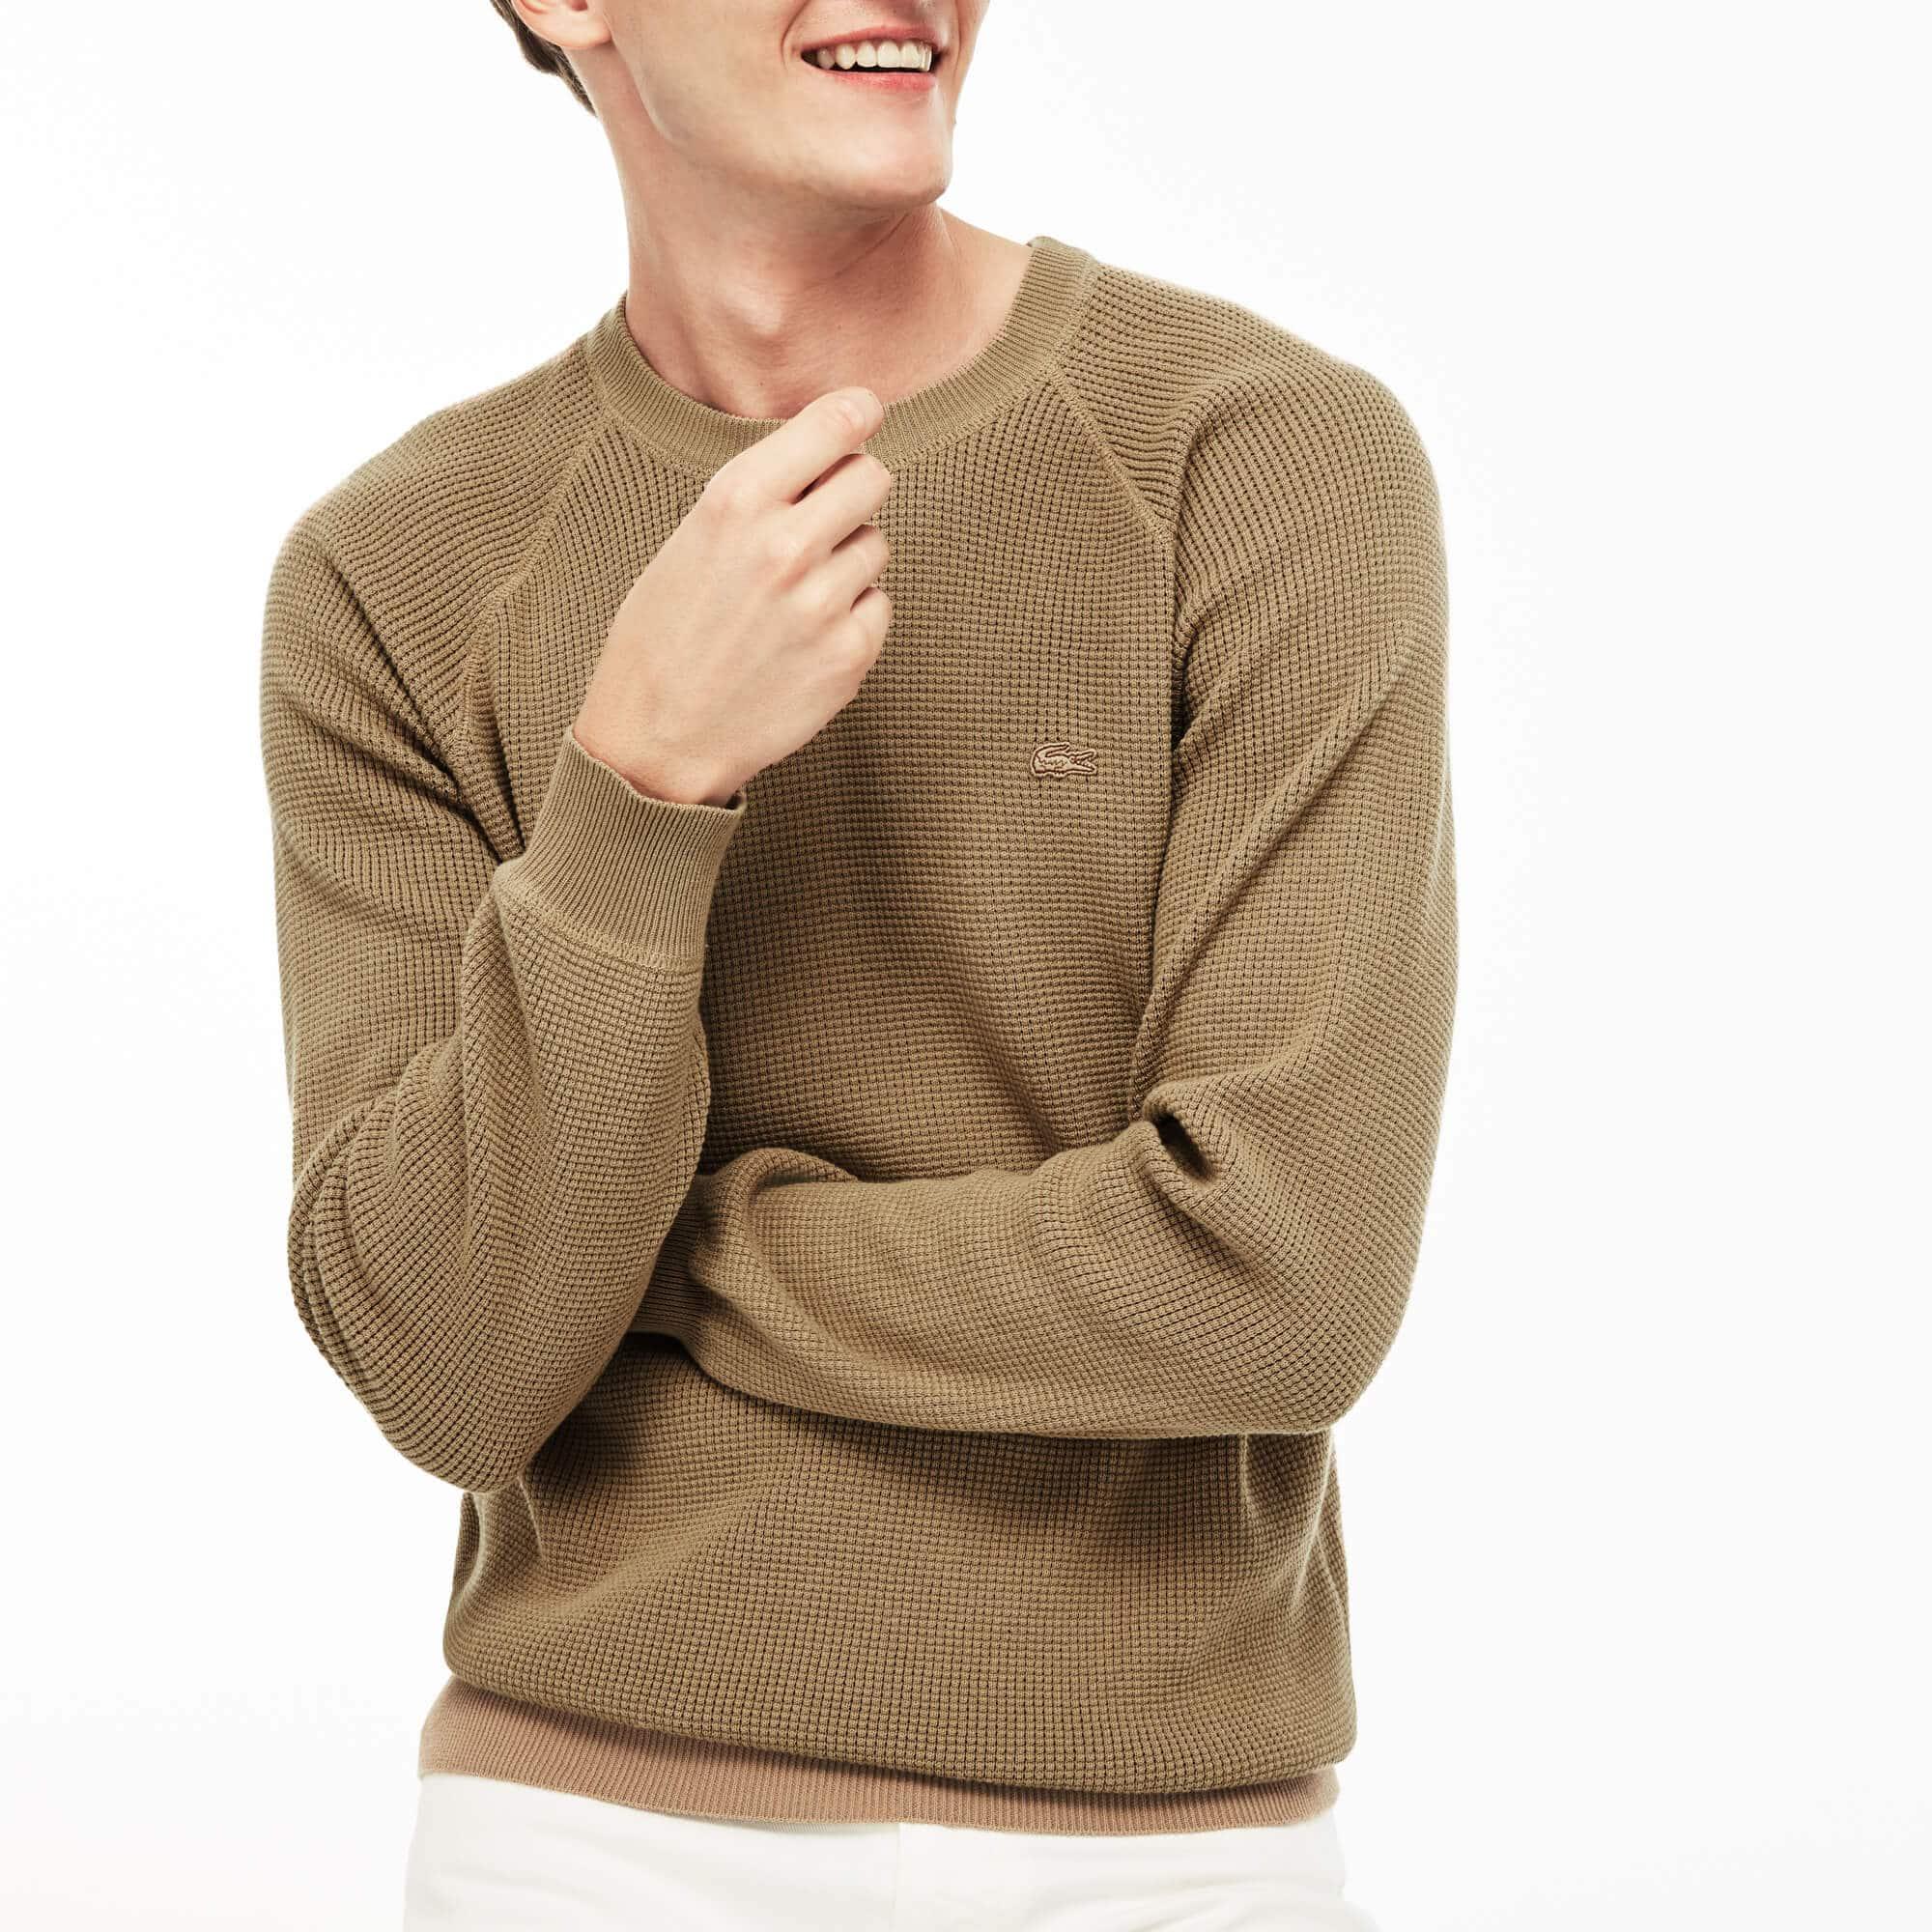 Camisola com decote redondo em crepe de algodão com relevo